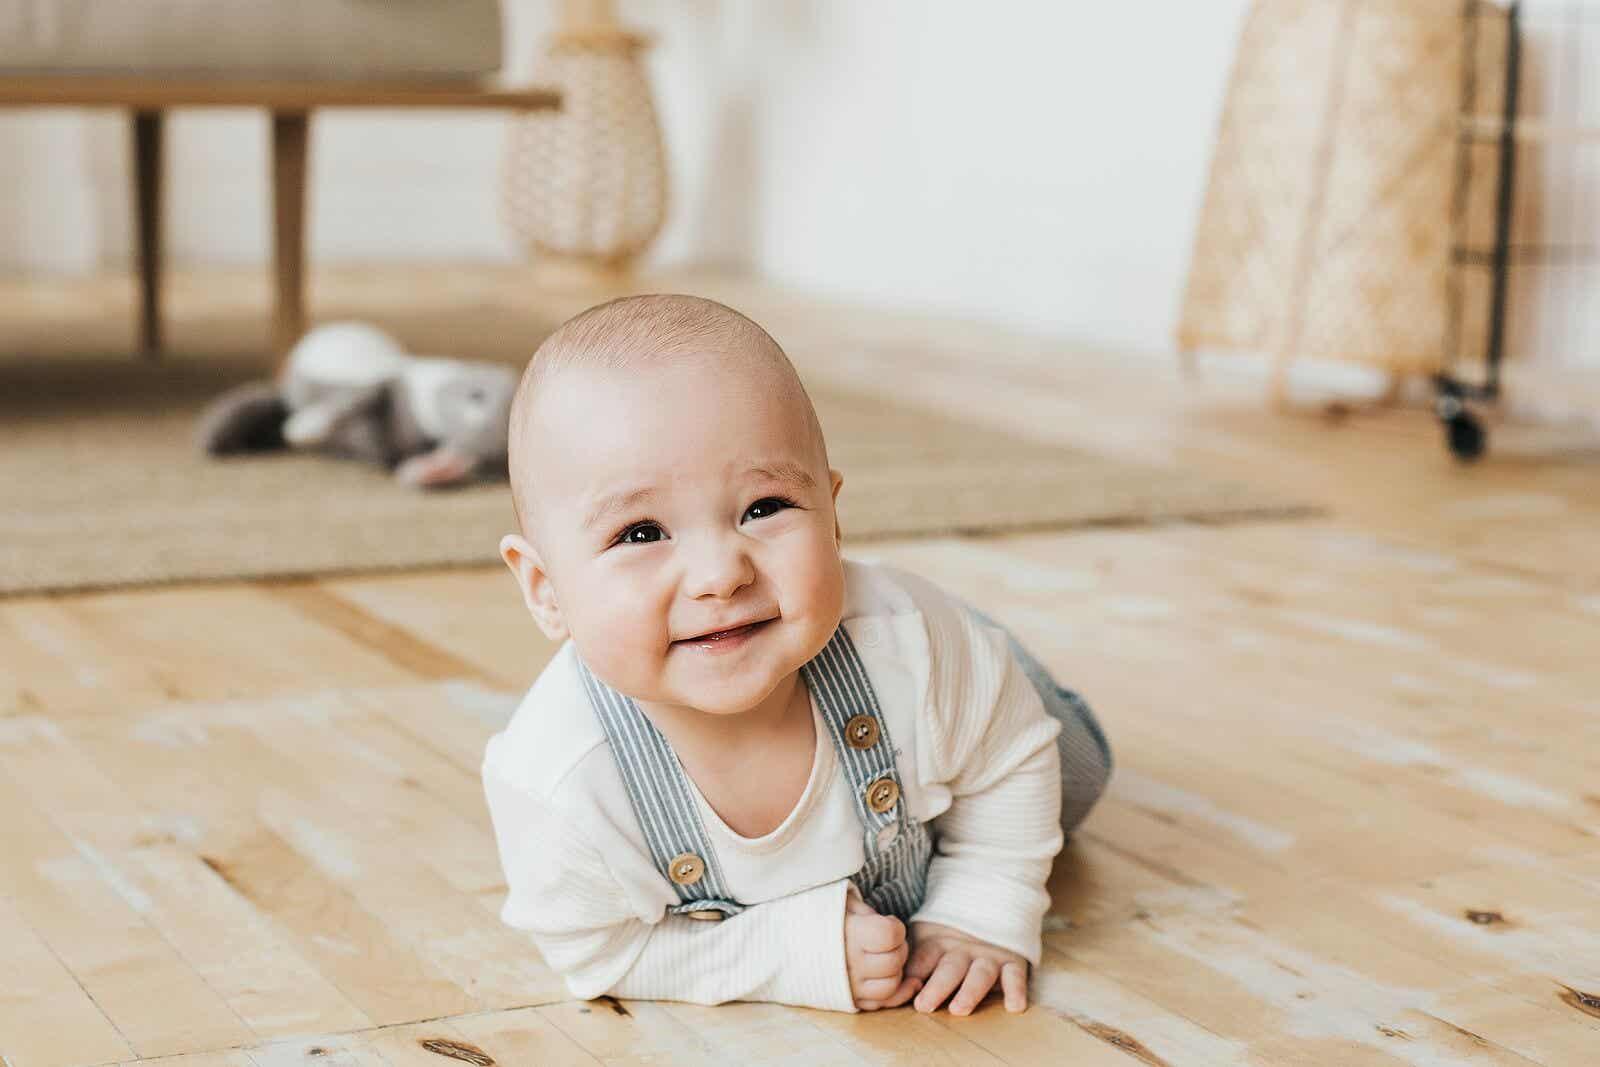 Een lachende baby liggend op zijn buik met zijn hoofd omhoog.